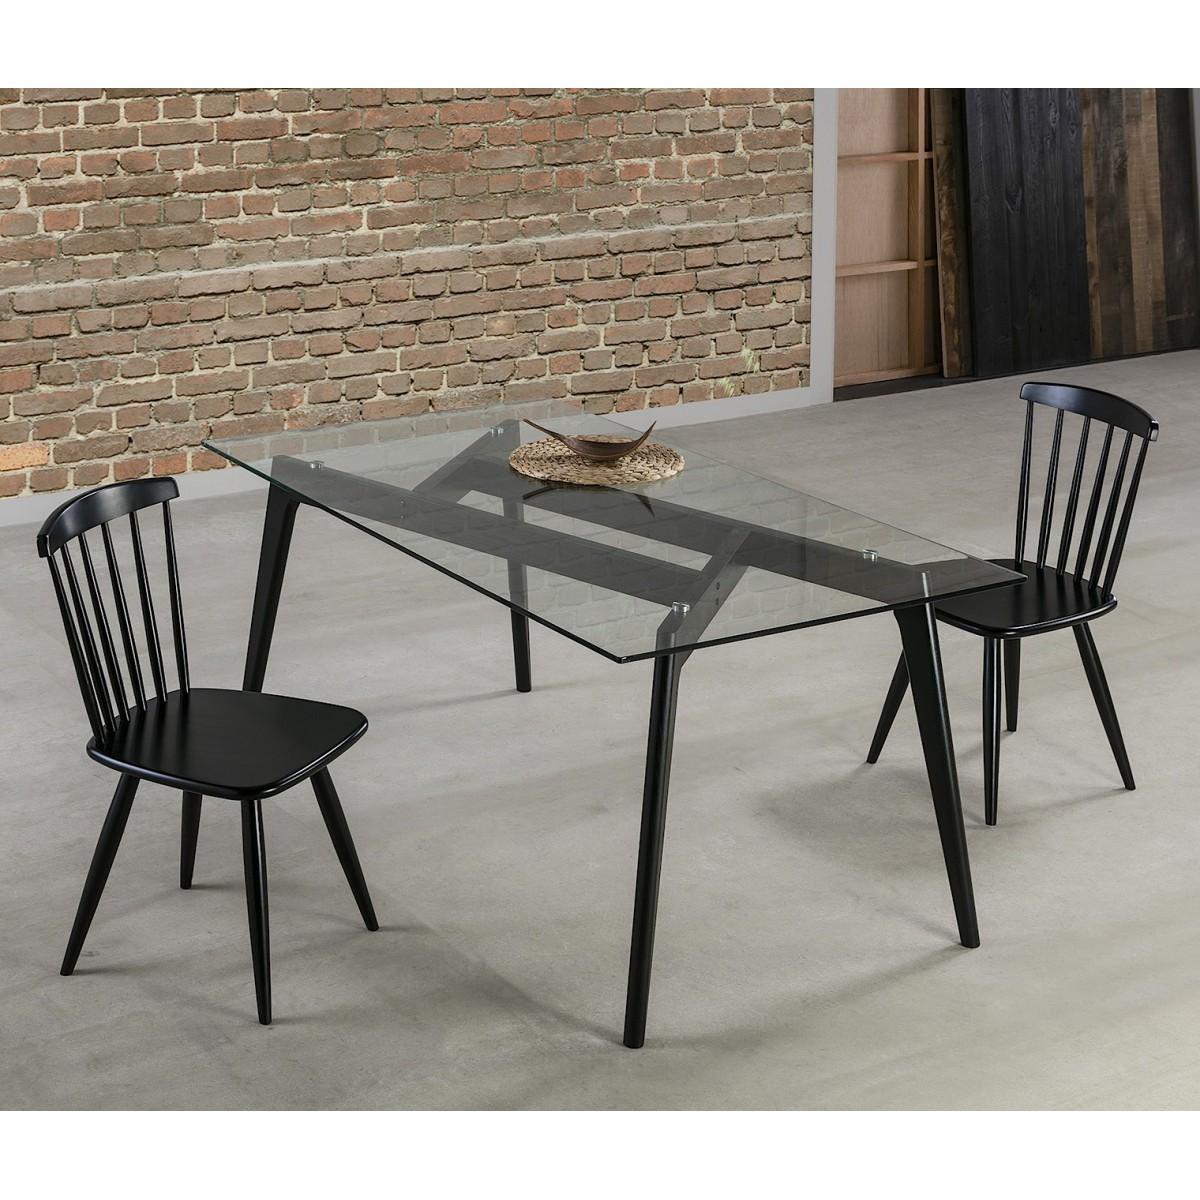 table a manger cristal rectangulaire black edition. Black Bedroom Furniture Sets. Home Design Ideas